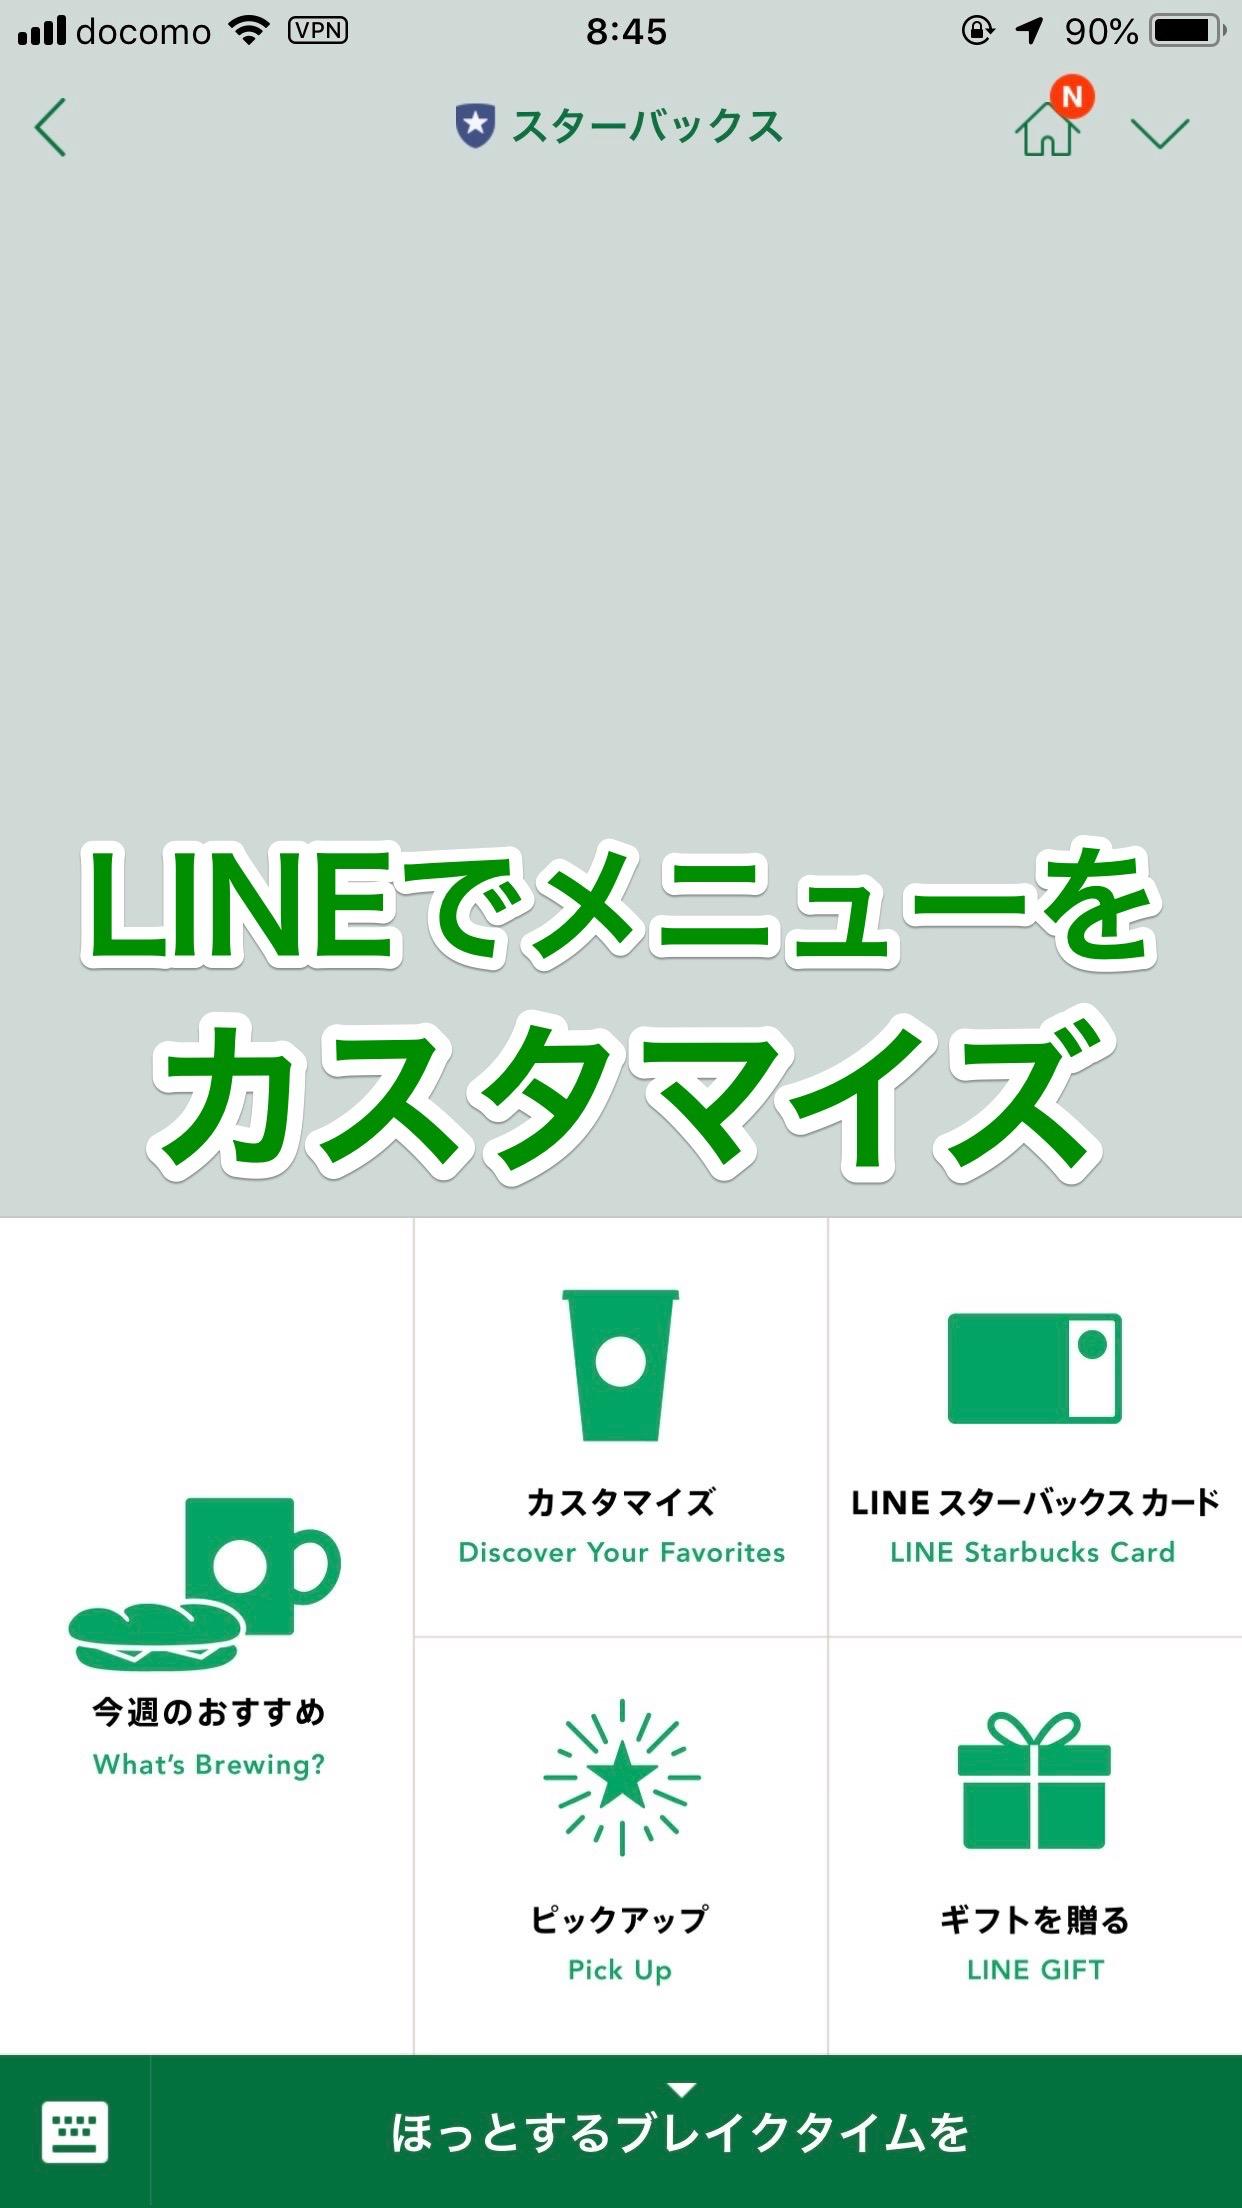 【スターバックス】LINE公式アカウントでカスタマイズのオーダー方法を調べる